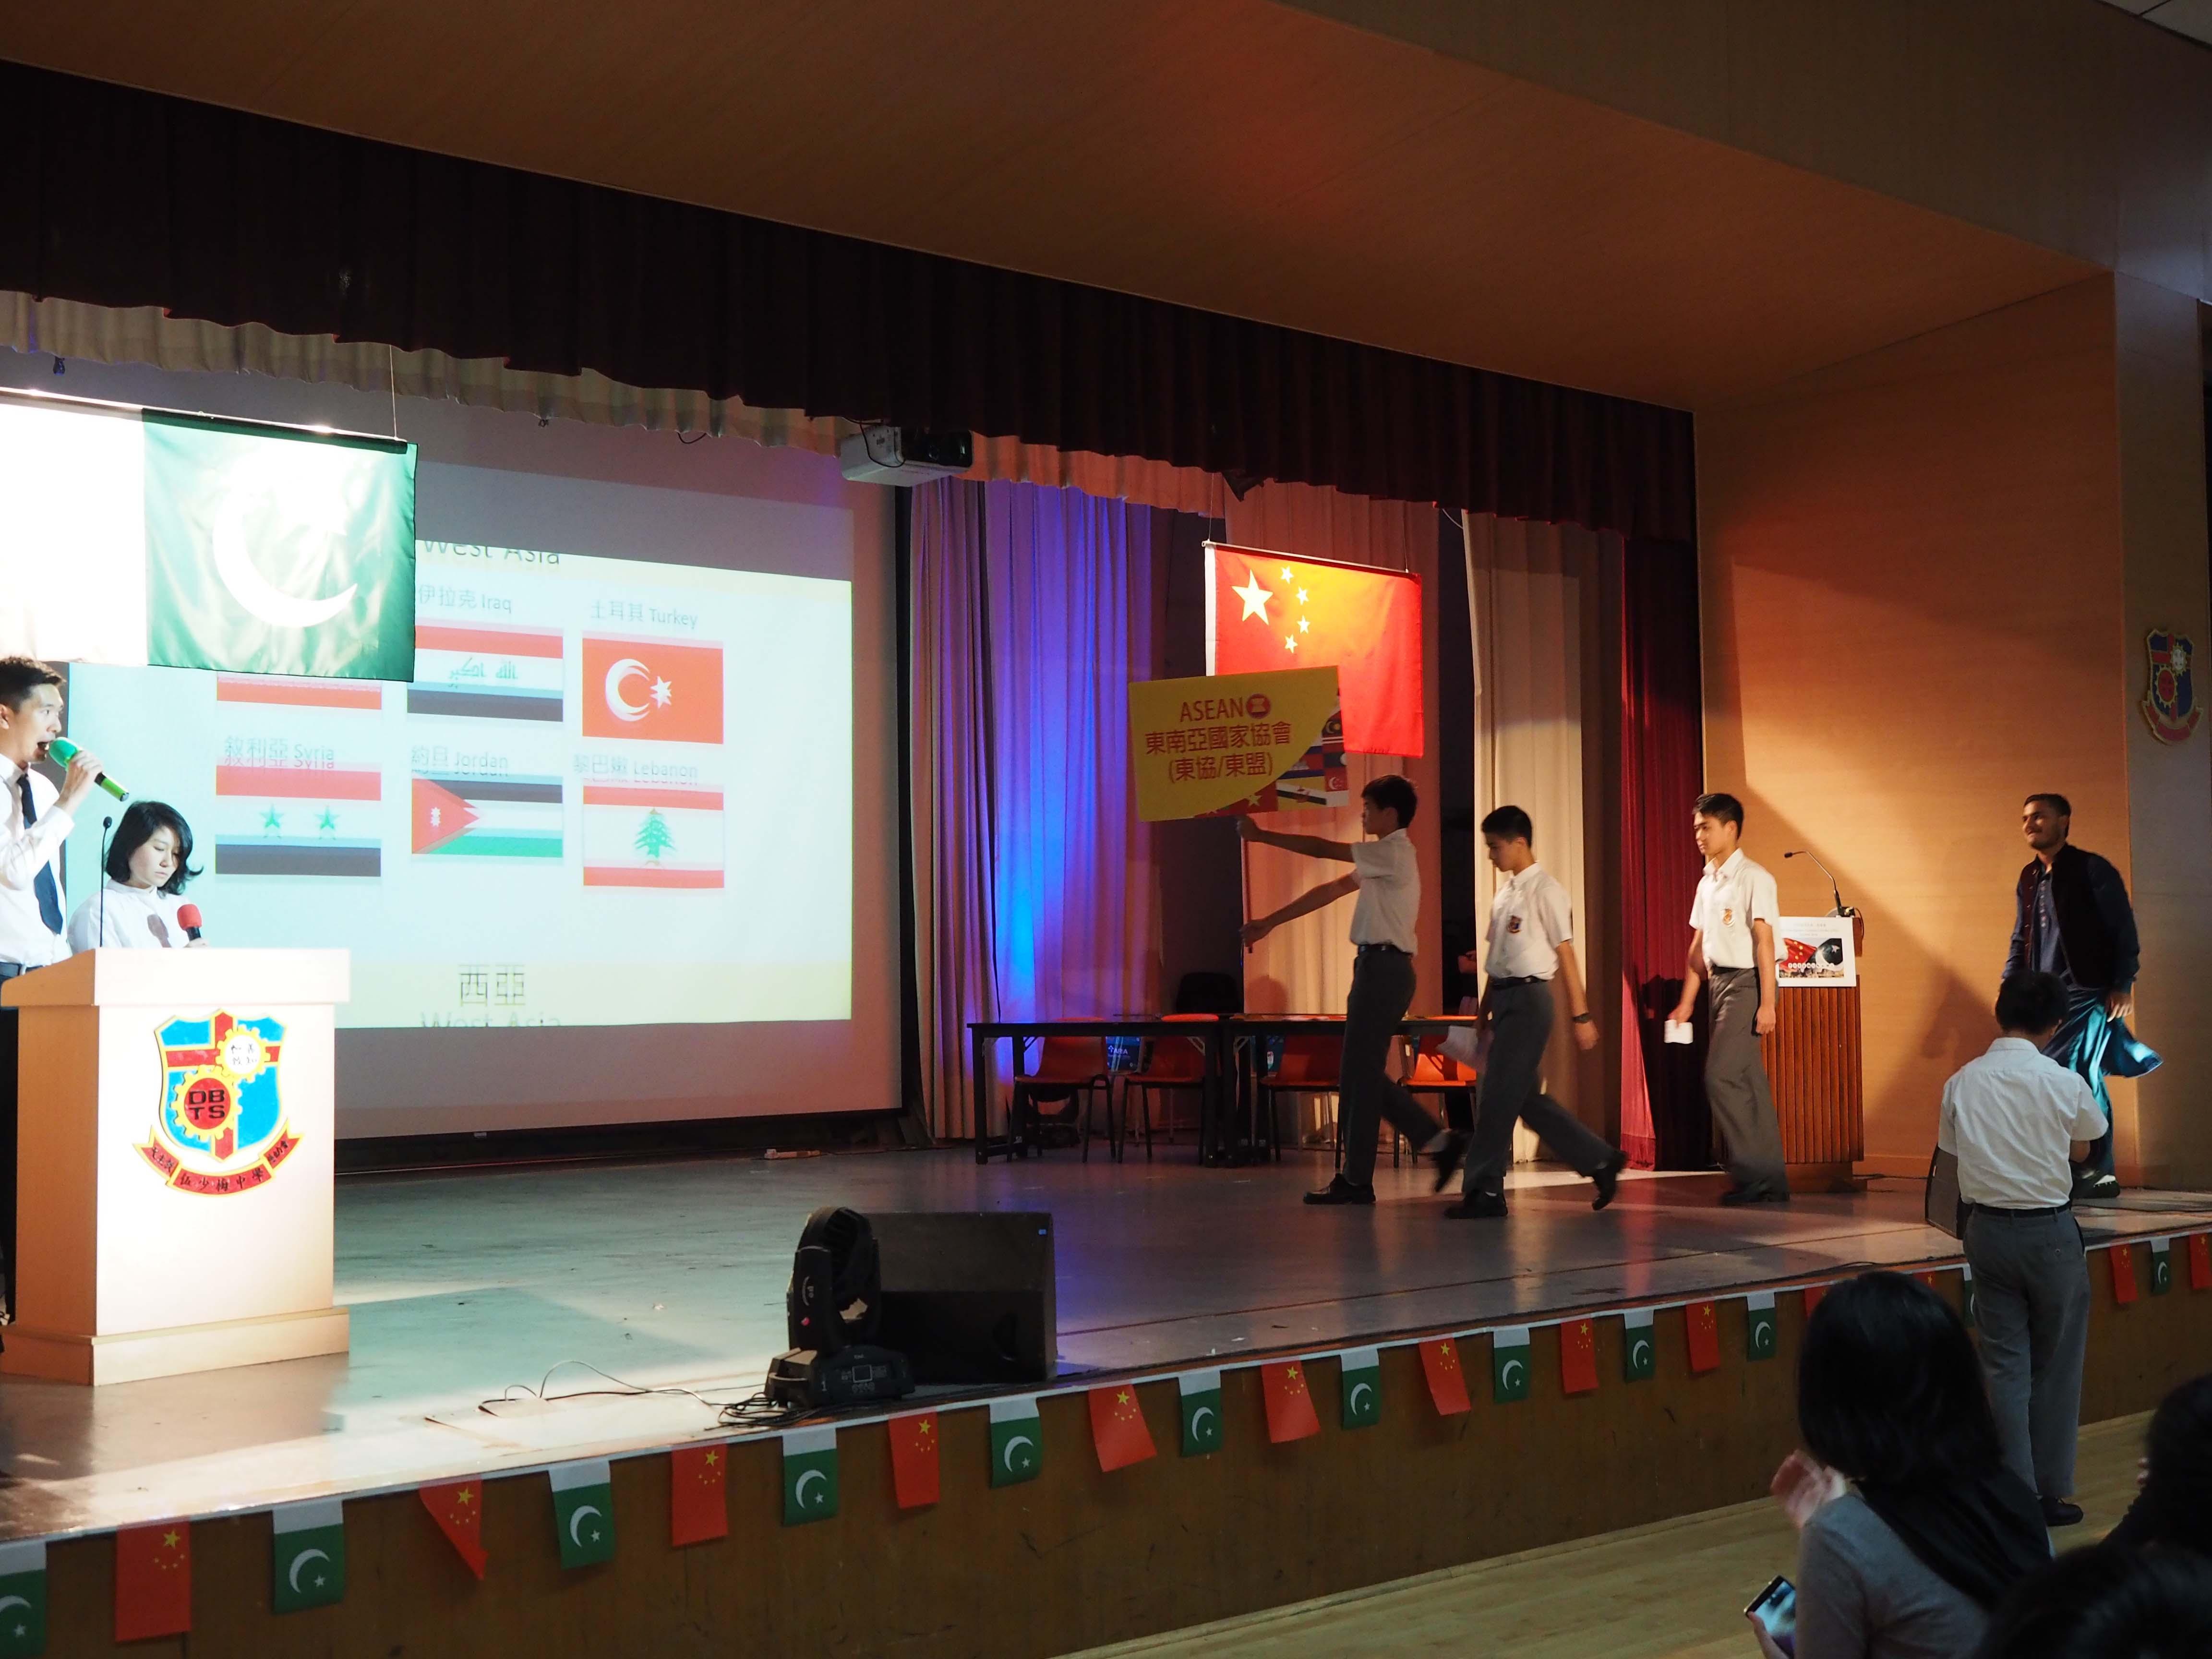 天主教慈幼會伍少梅中學的「中巴經濟走廊」高峰會活動相片16